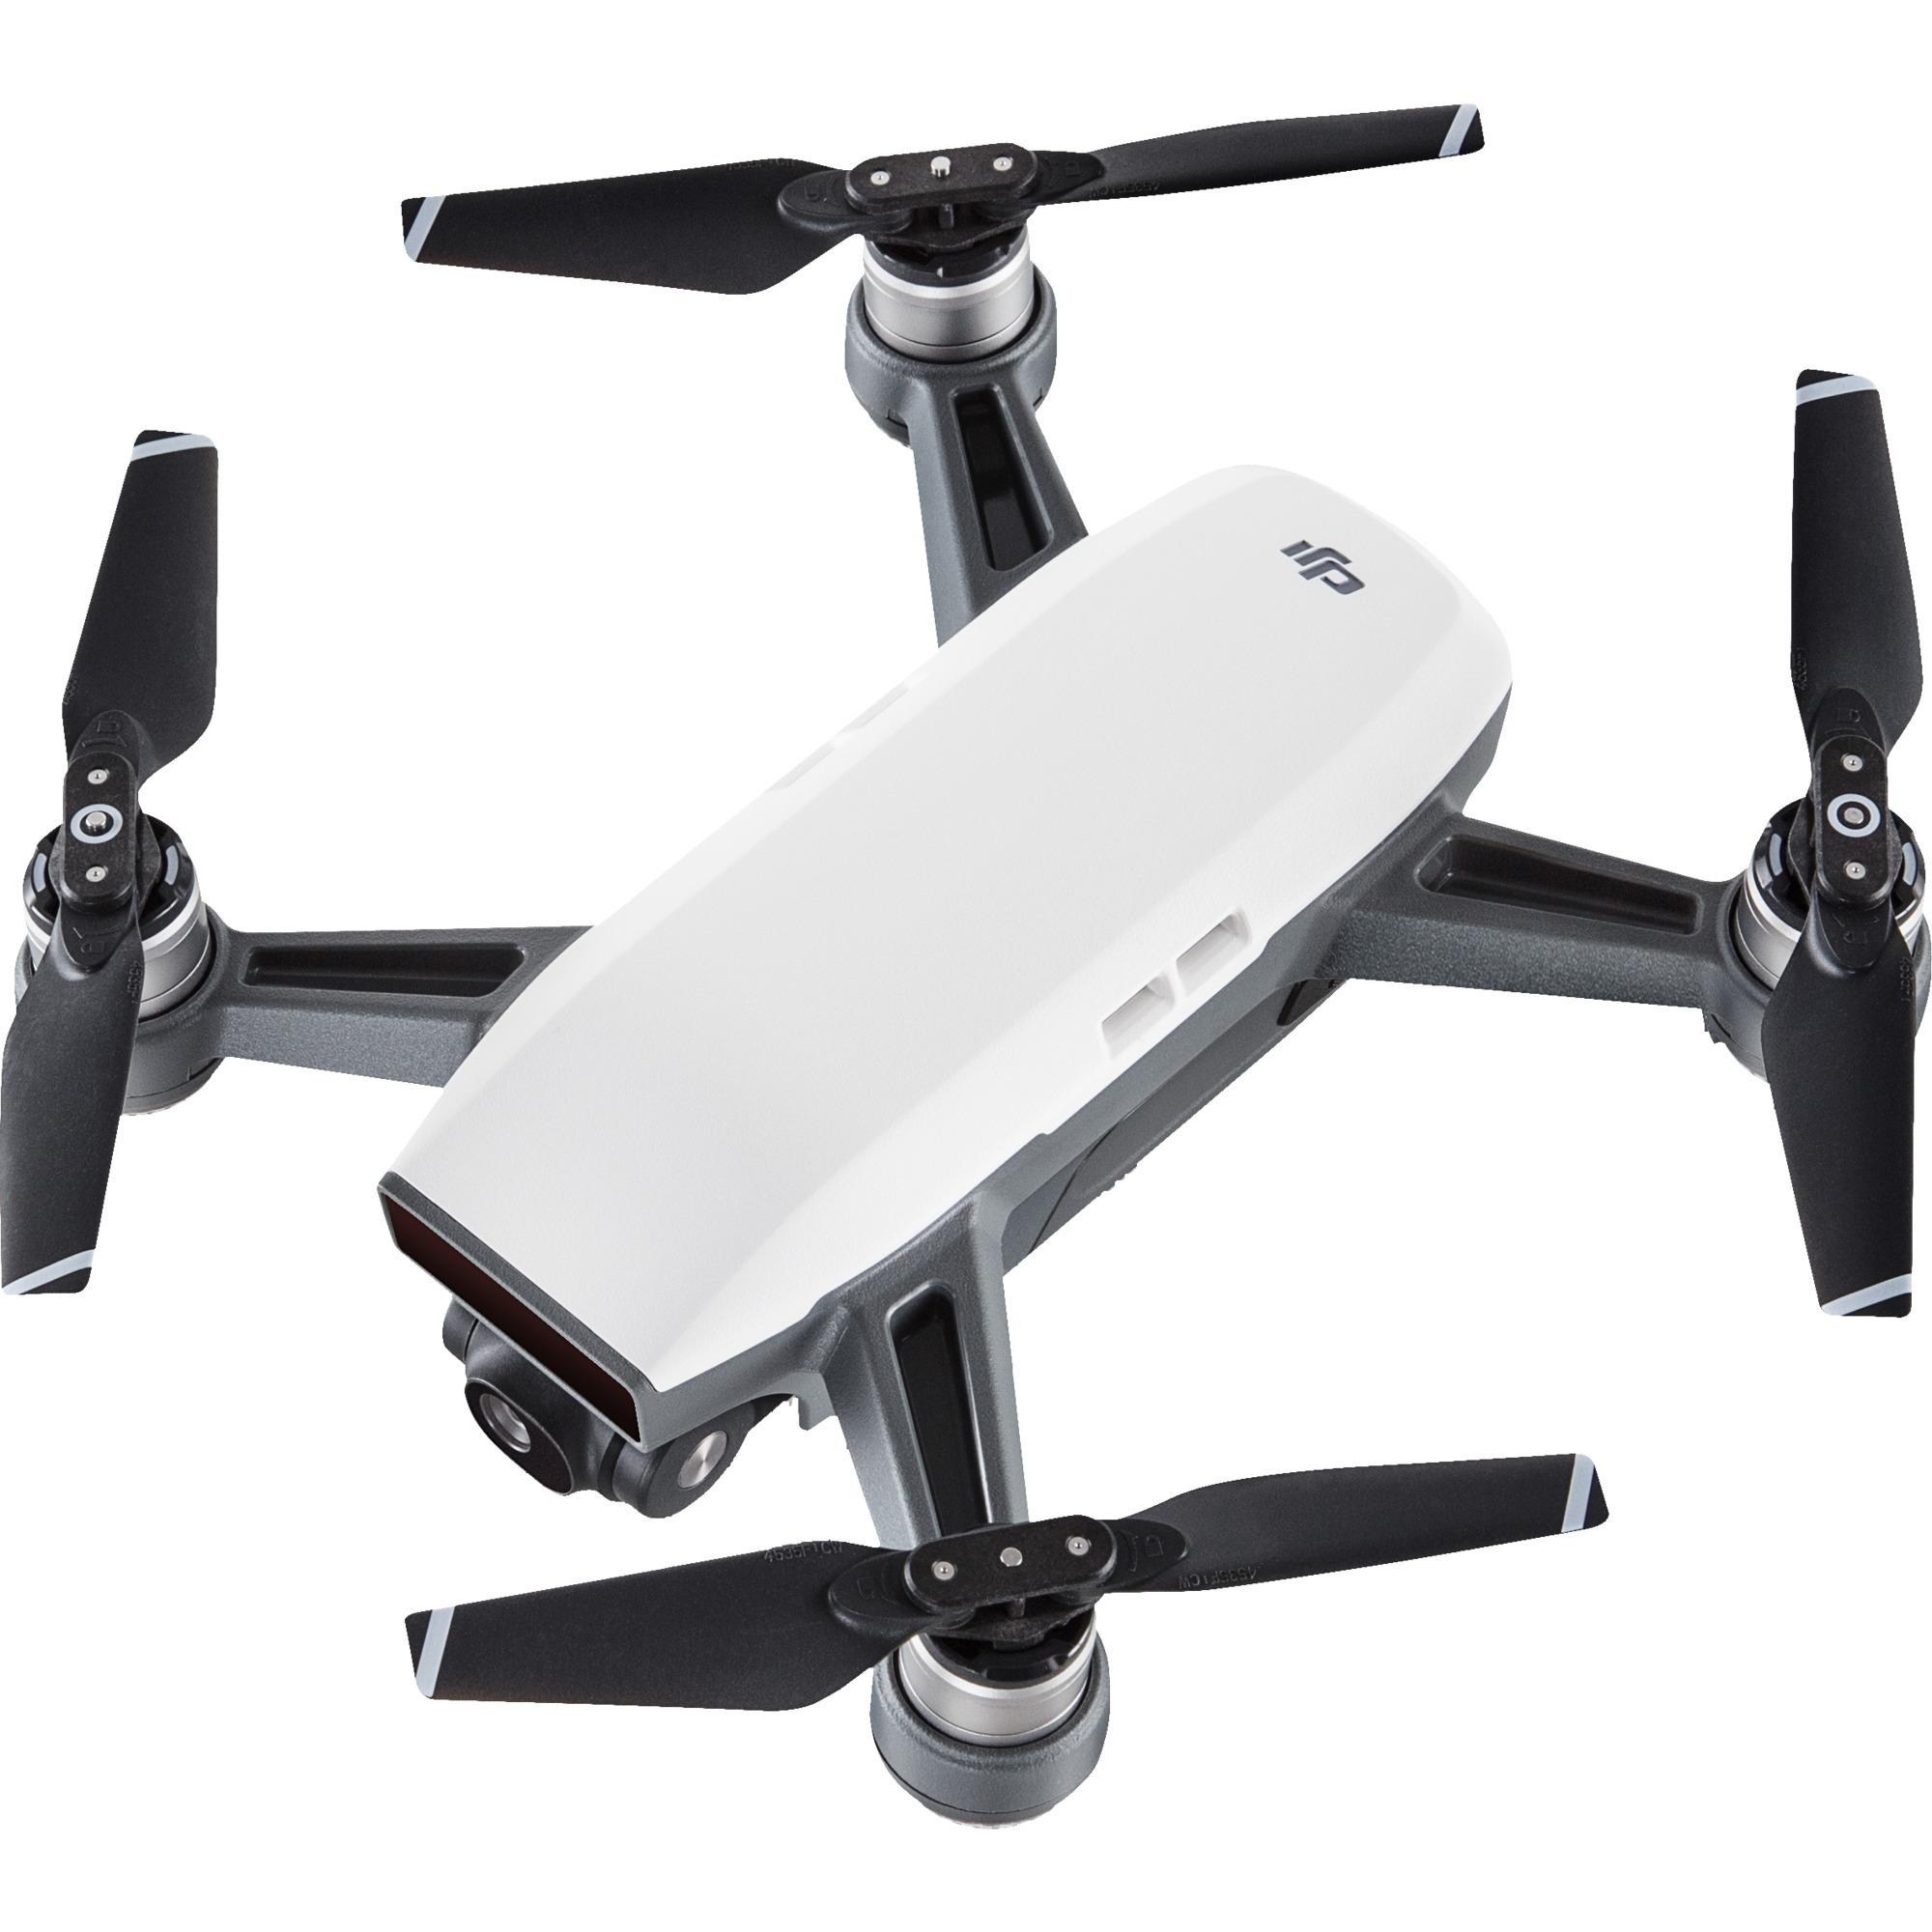 CP.PT.000741, Drone